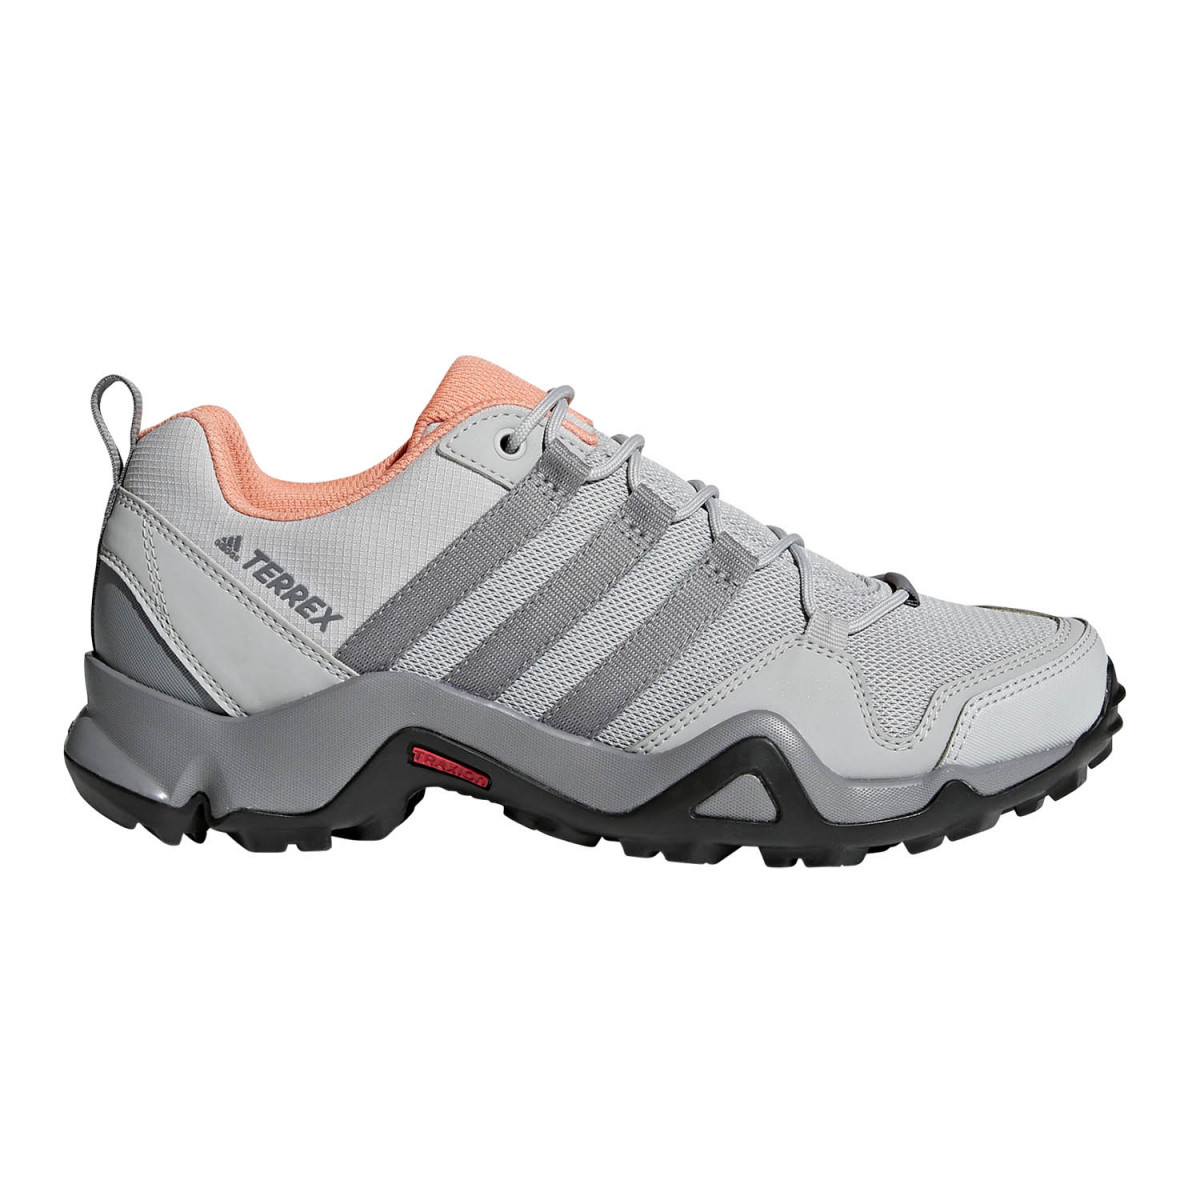 Zapatillas Adidas Terrex Ax2r cb331b0bfdc0b